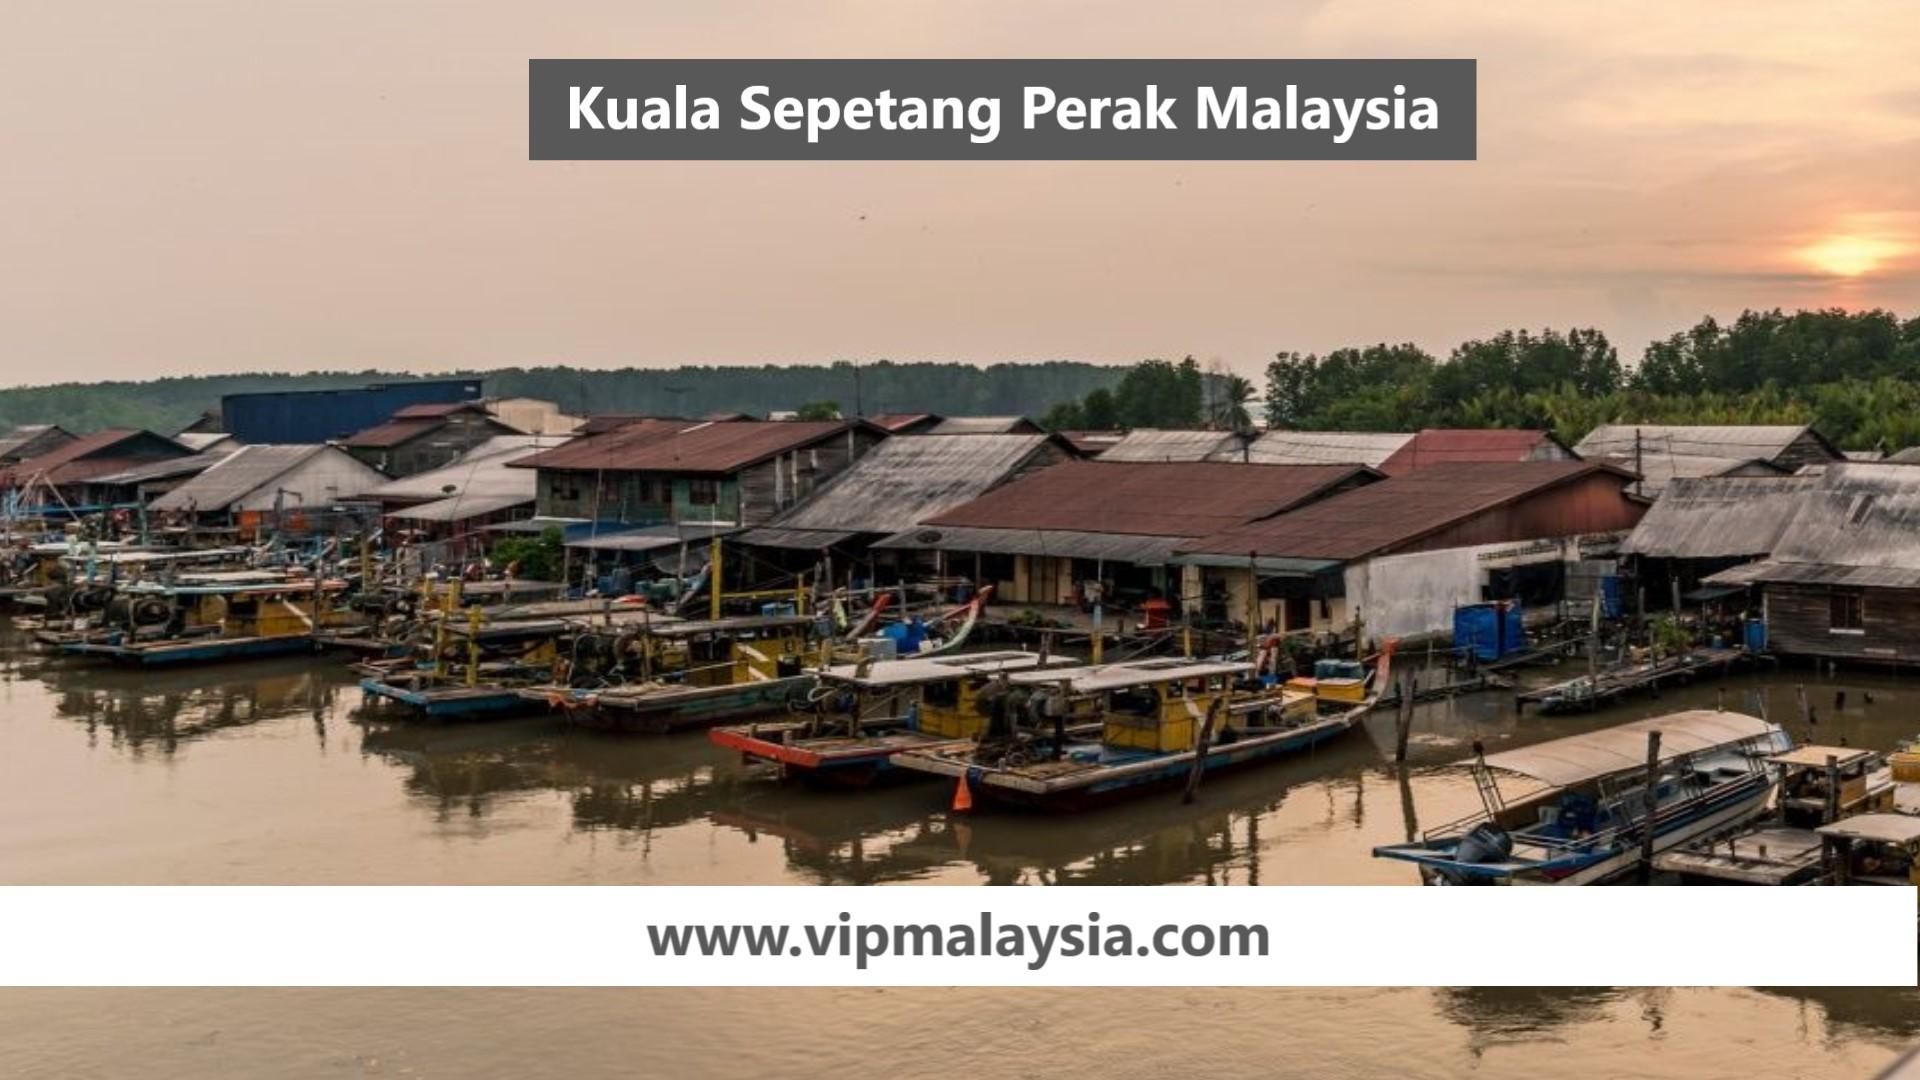 Kuala Sepetang Perak Town in Malaysia